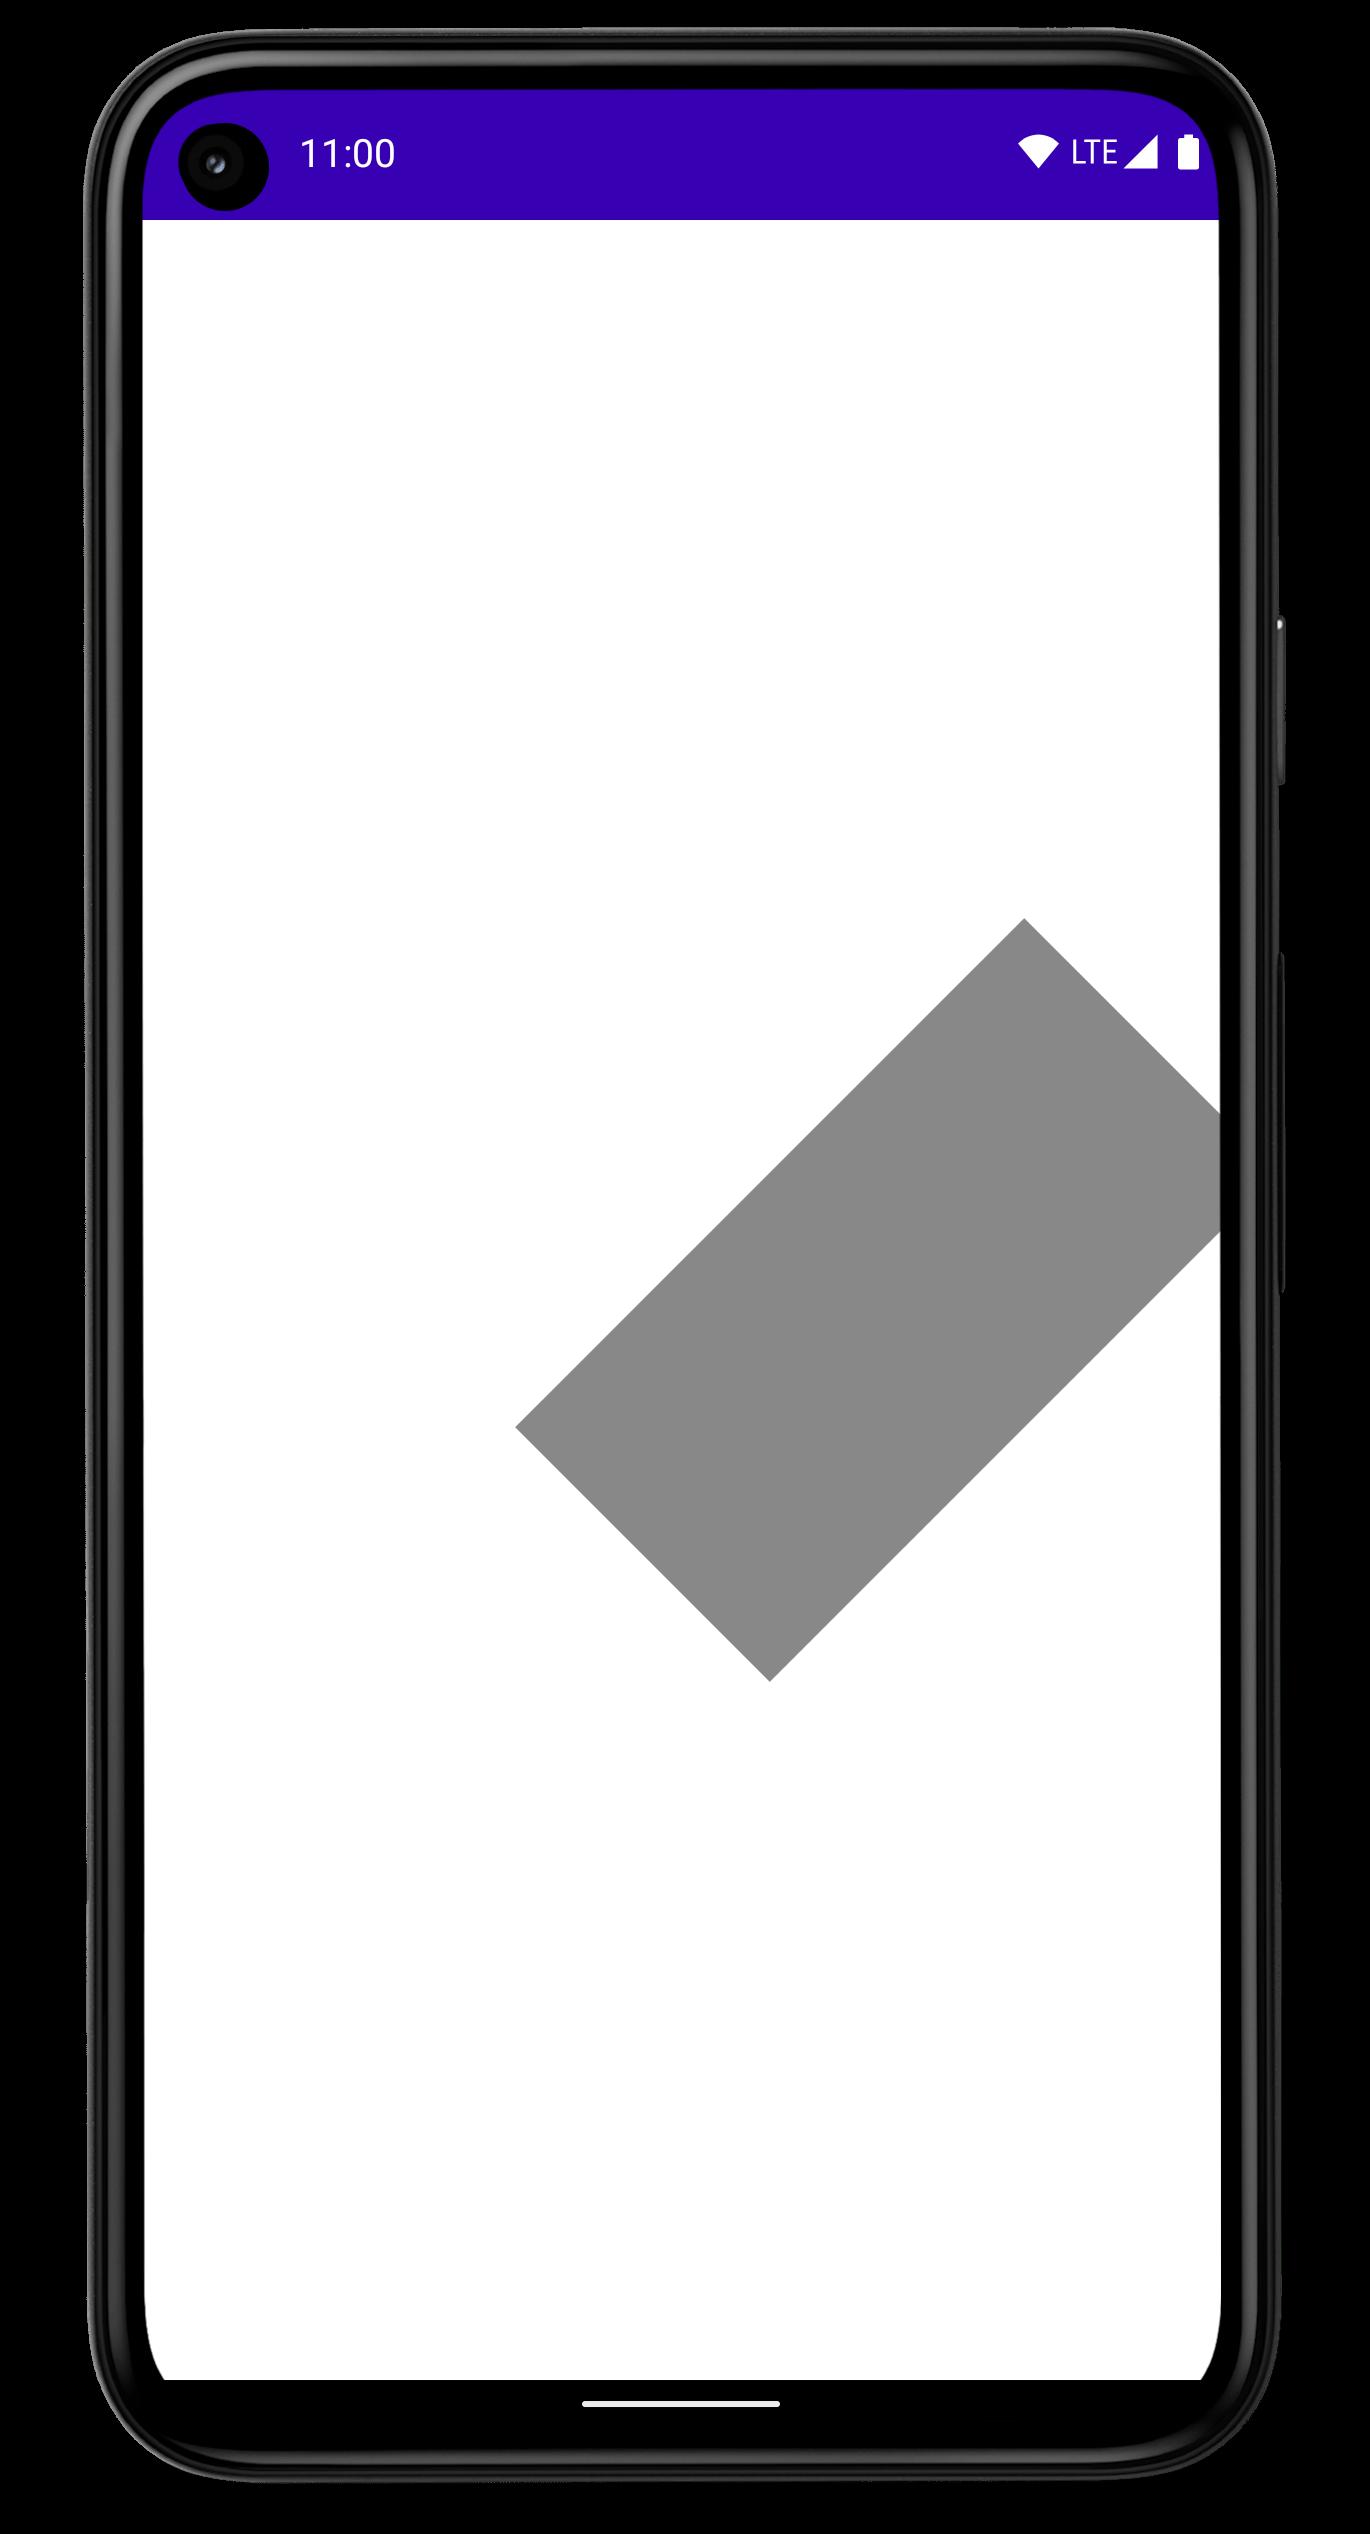 回転した長方形が画面の端にシフトされたスマートフォン。